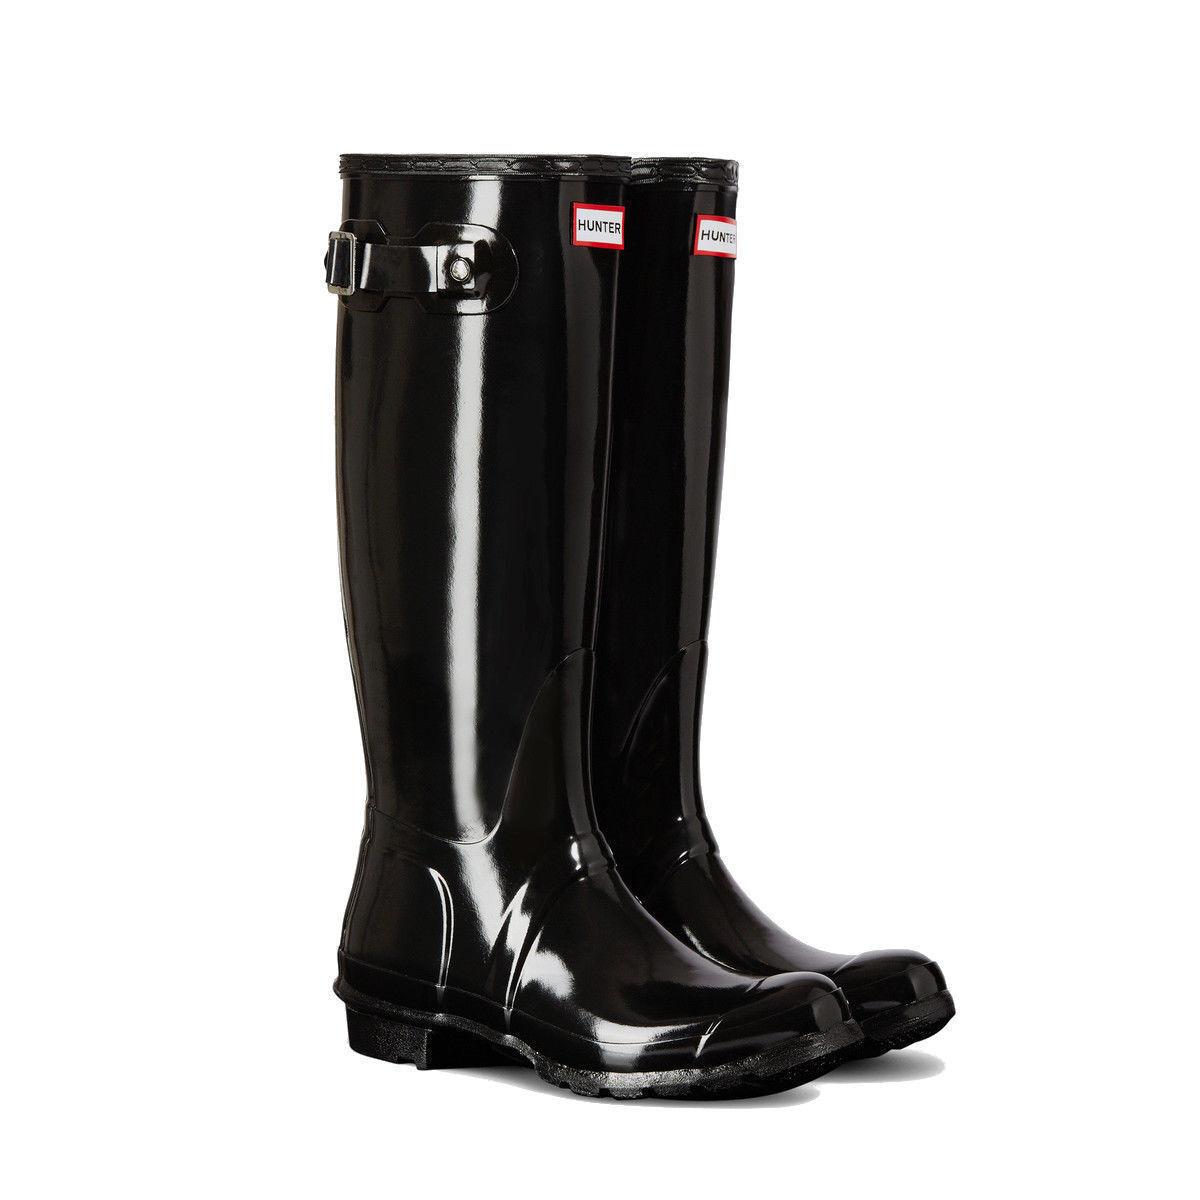 Nuevas Original damas Hunter Original Nuevas Tall Gloss Lluvia botas Negro Nuevo en Caja Pick Talla ed600e